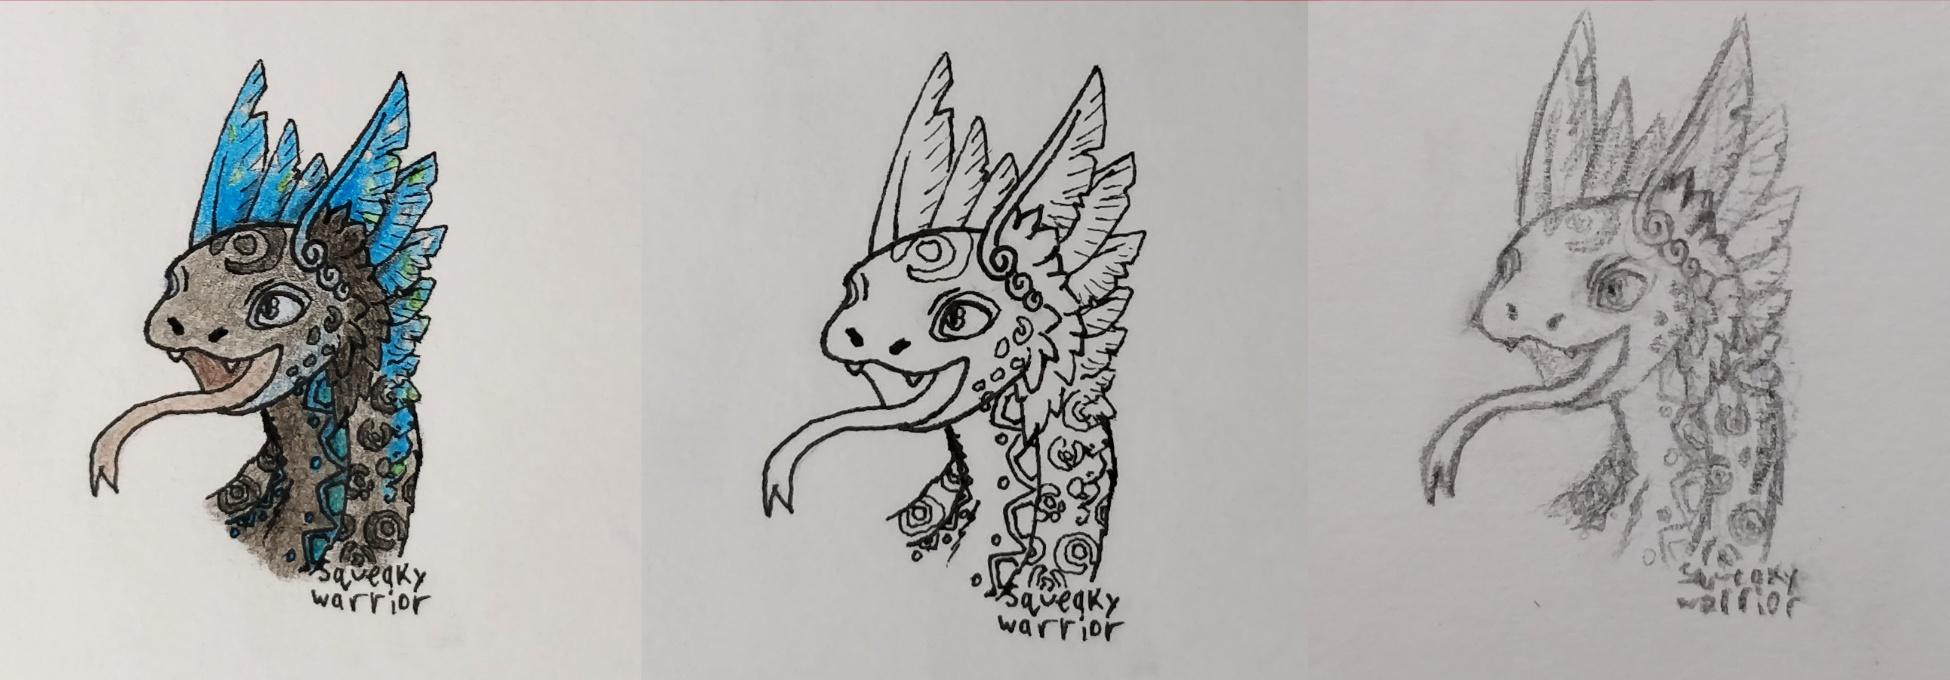 sketch-1587252542948.jpg